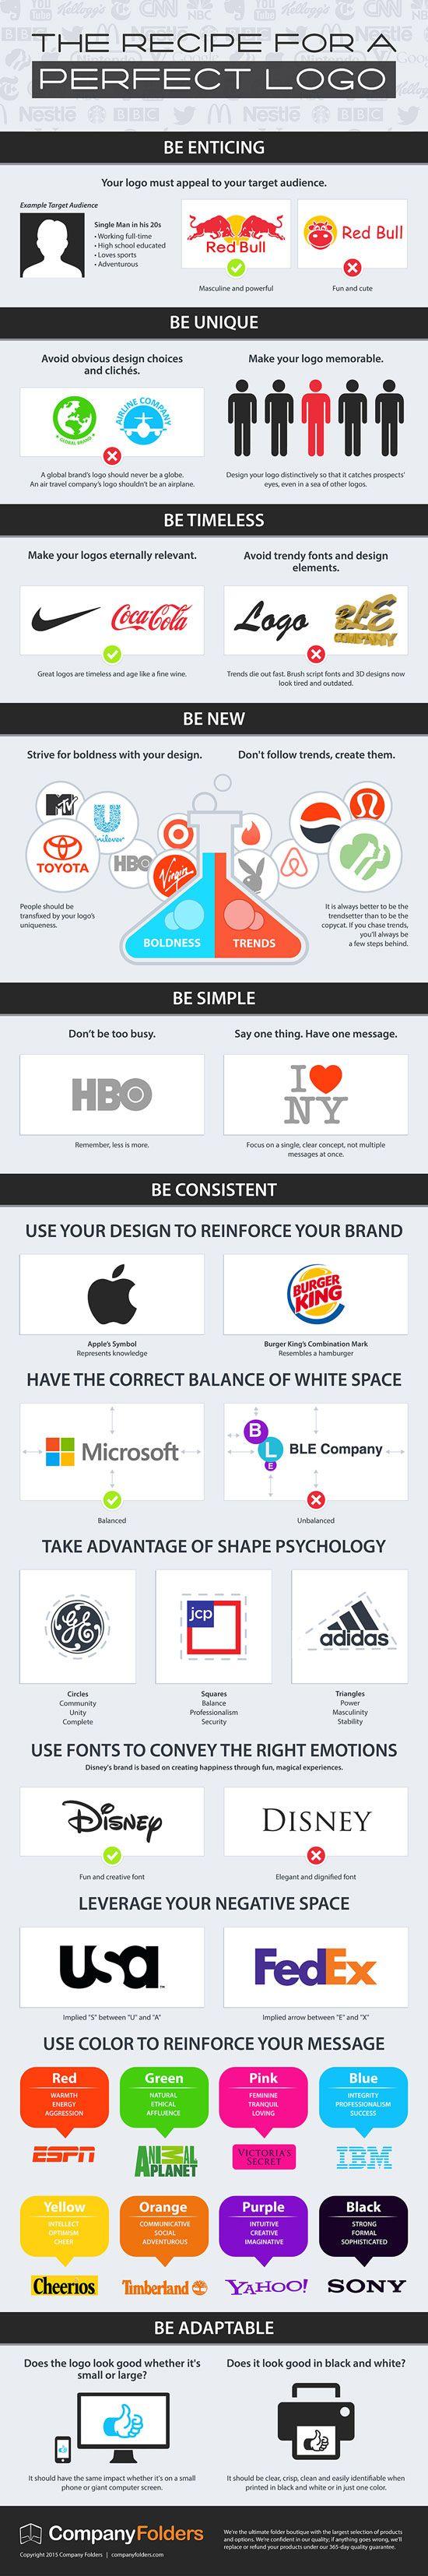 인포그래픽으로 보는 완벽한 로고를 위한 레시피 :: 디자인 로그(DESIGN LOG)